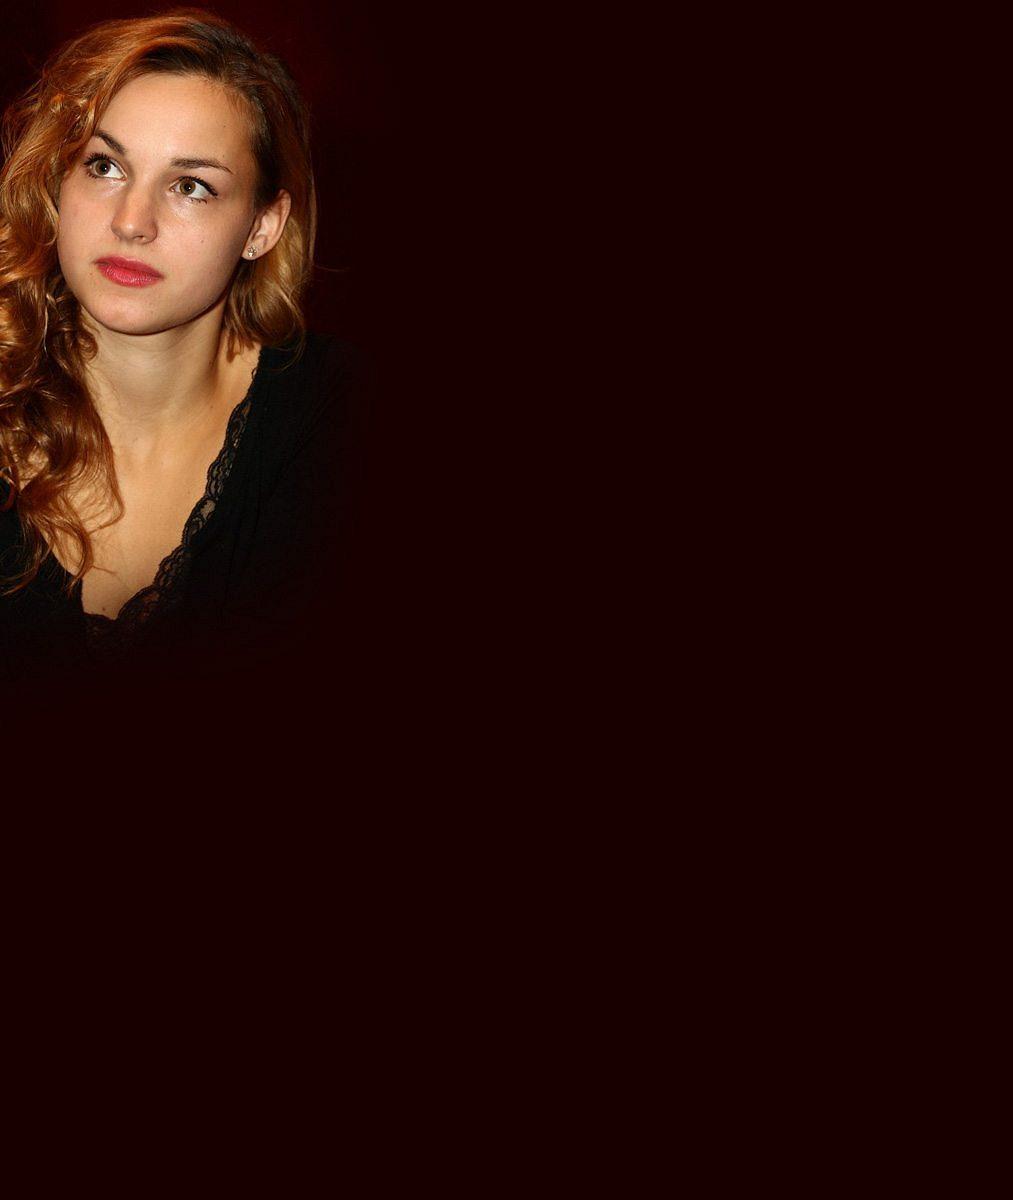 Po Josefíkové a spol. si říká o pozornost další netypicky krásná herečka. S mezírkou mezi zuby